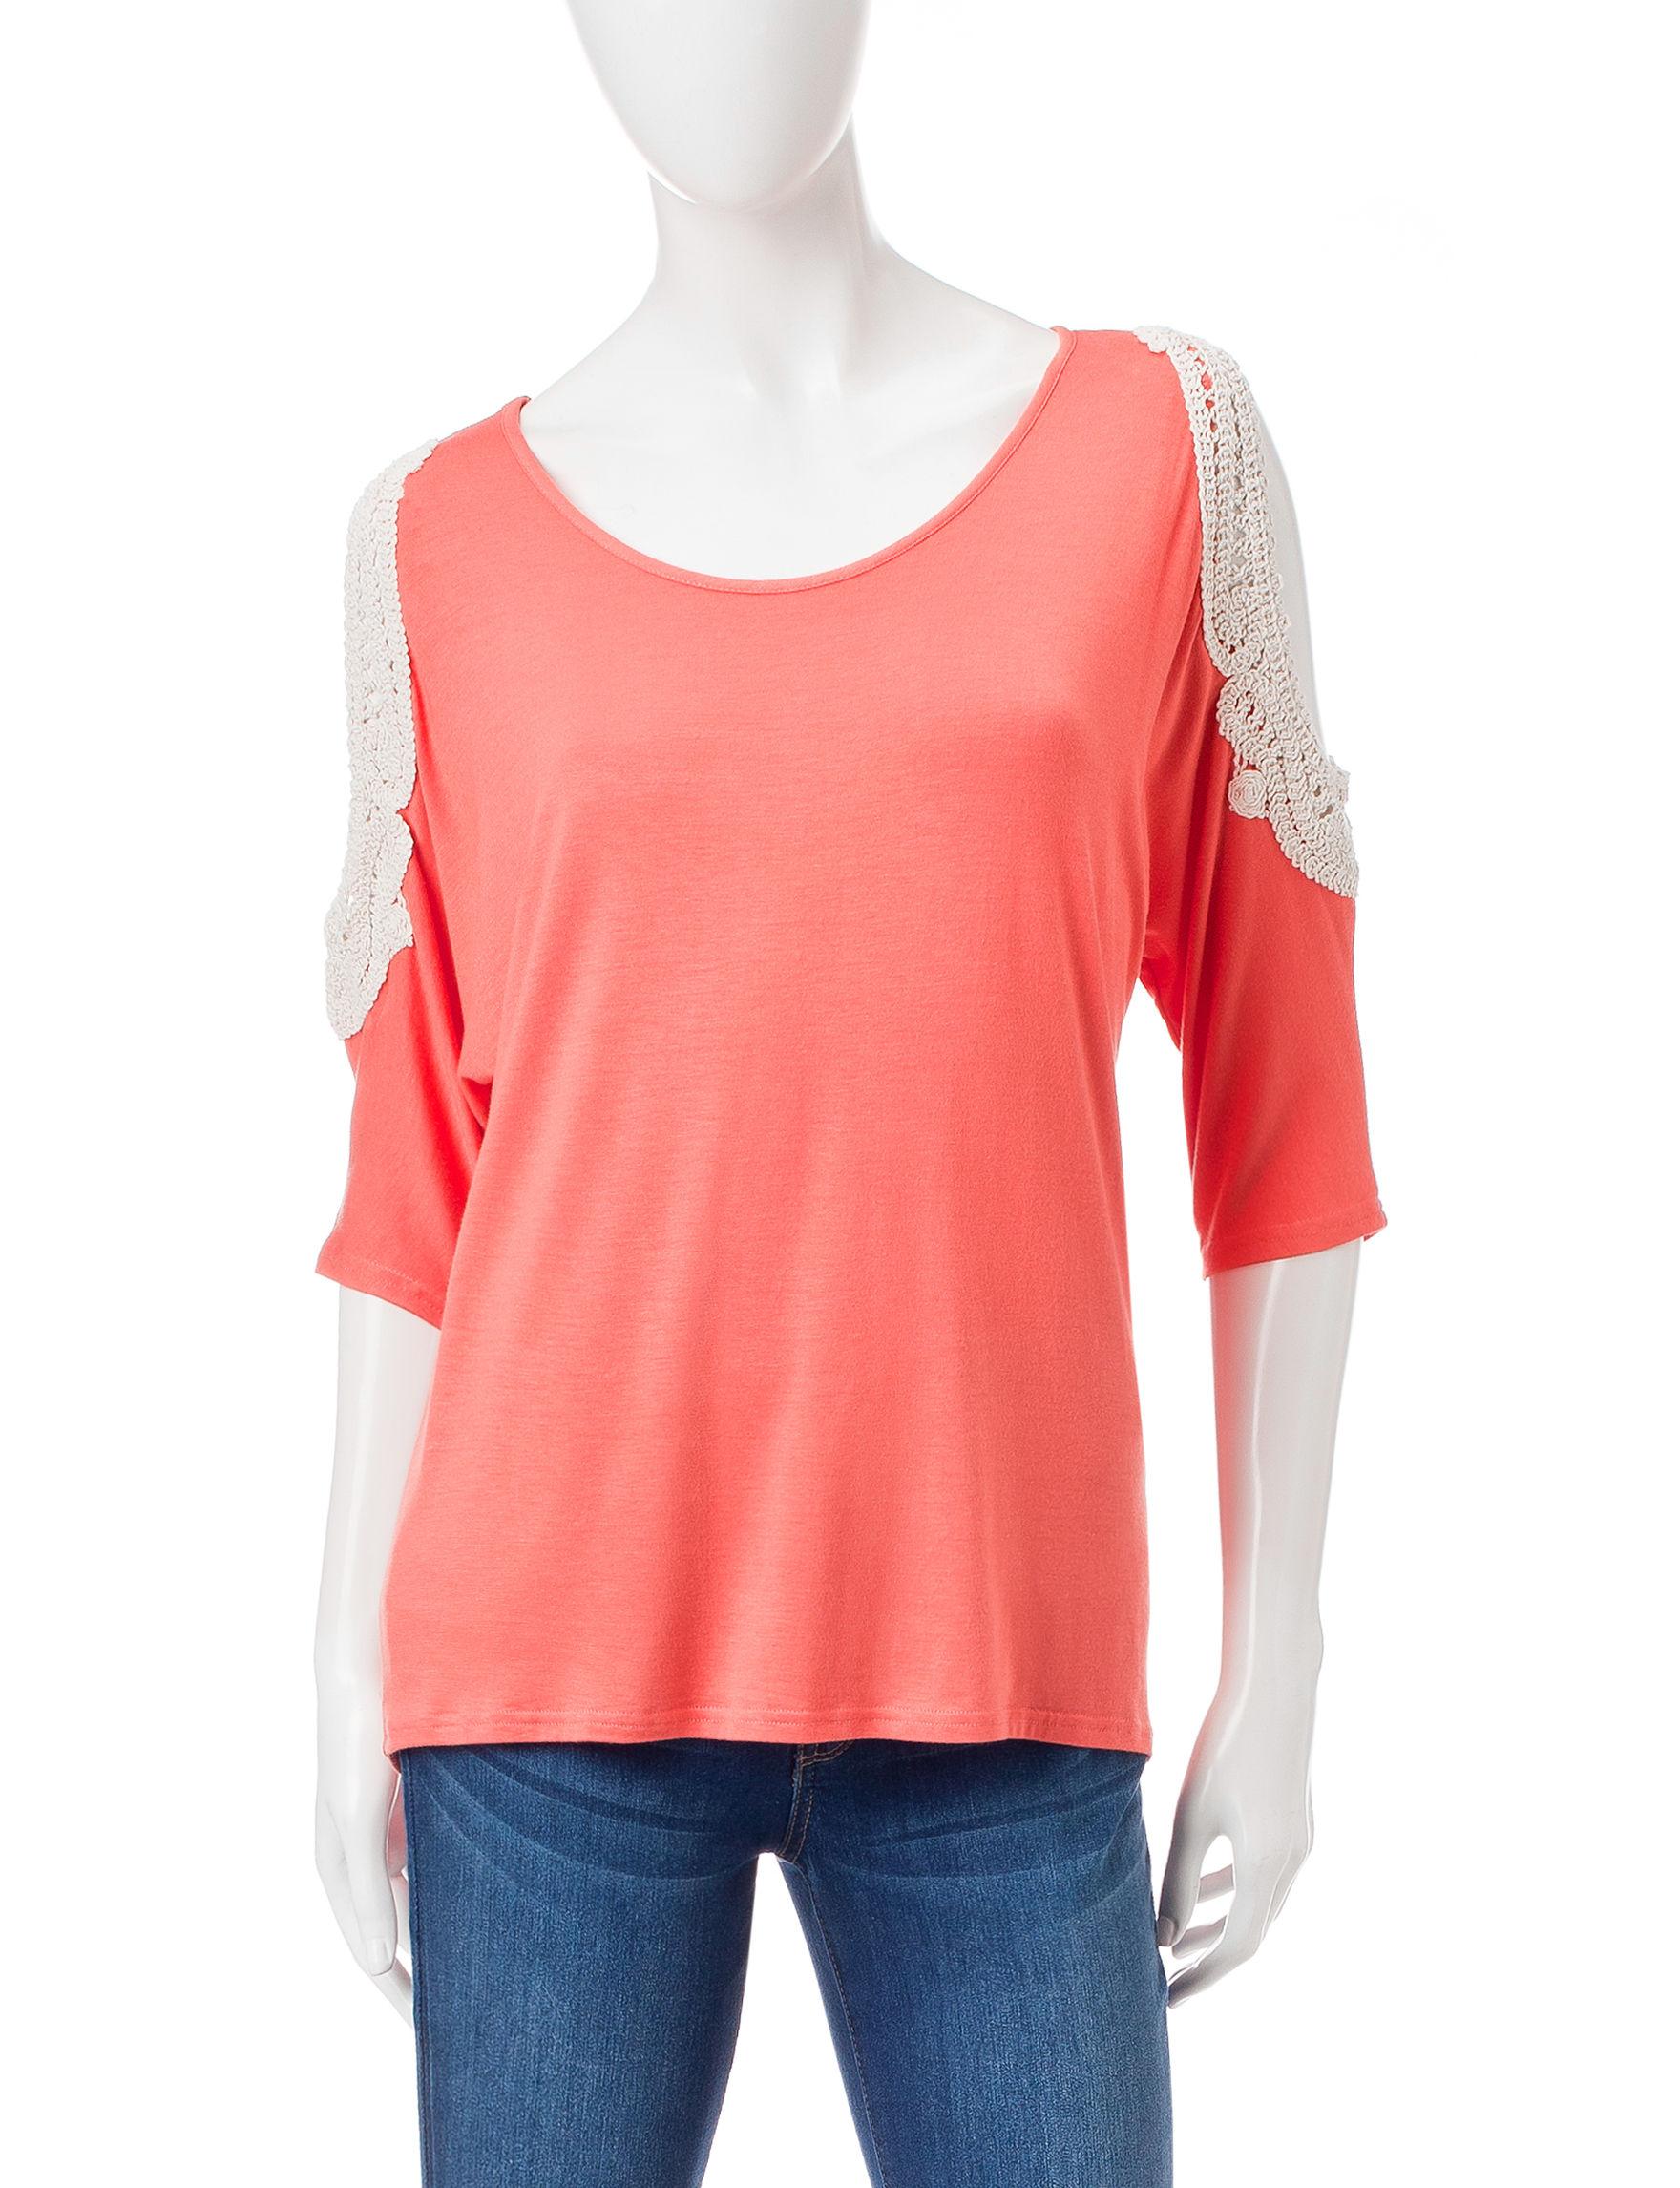 Wishful Park 27 Orange Shirts & Blouses